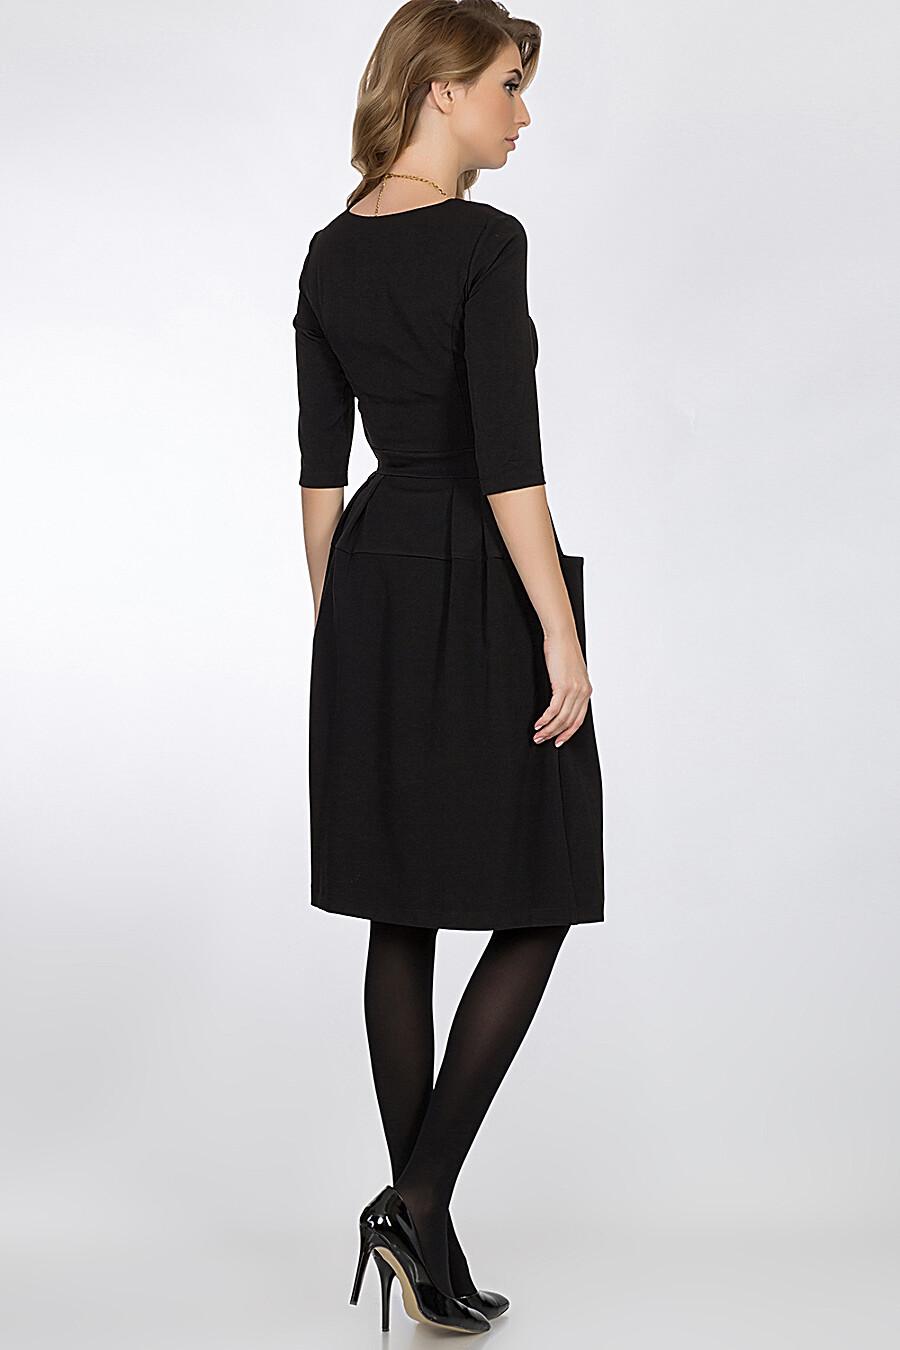 Платье LA VIA ESTELAR (56394), купить в Moyo.moda